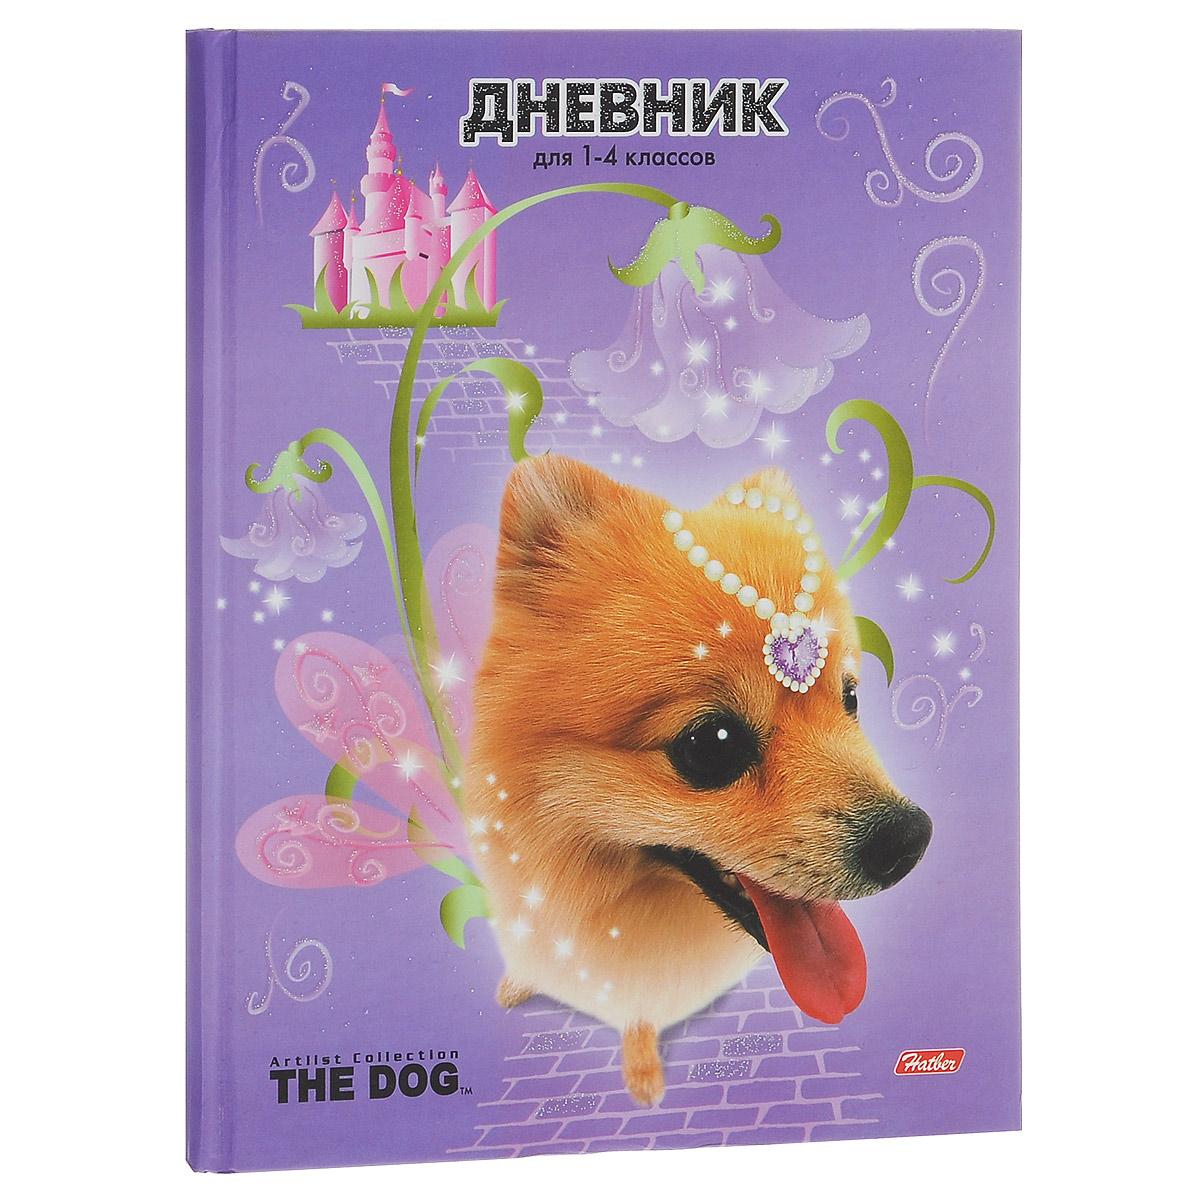 Дневник школьный Hatber The Dog0703415Школьный дневник Hatber The Dog - первый ежедневник вашего ребенка. Он поможет ему не забыть свои задания, а вы всегда сможете проконтролировать его успеваемость. Дневник предназначен для учеников 1-4 классов. Обложка дневника выполнена из плотного глянцевого картона и оформлена изображением забавного щенка. Внутренний блок изготовлен из высококачественной бумаги и состоит из 48 листов. В структуру дневника входят все необходимые разделы: информация о личных данных ученика, школе и педагогах, друзьях и одноклассниках, расписание факультативов и уроков по четвертям, сведения об успеваемости с рекомендациями педагогического коллектива. Дневник также содержит номера телефонов экстренной помощи и даты государственных праздников. Кроме стандартной информации, в конце дневника имеется краткий справочник школьника по математике и русскому языку. Школьный дневник Hatber The Dog станет отличным помощником в освоении новых знаний и принесет радость своему хозяину в учебные будни.